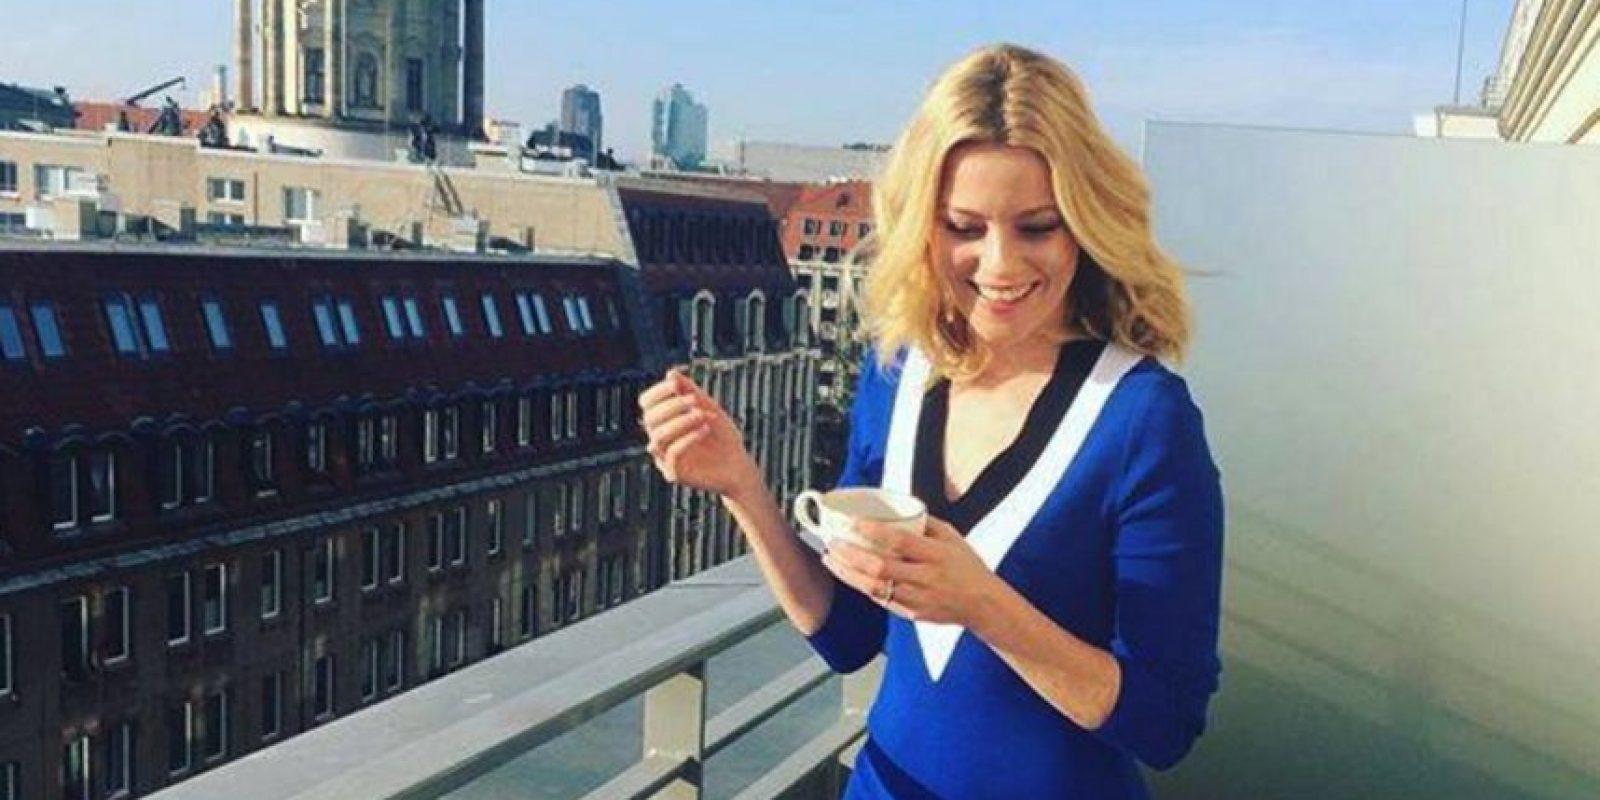 """La actriz es conocida por interpretar a """"Effie Trinket"""" en la saga """"Los juegos del hambre"""" Foto:Vía facebook.com/elizabethbanksitsreallyme"""